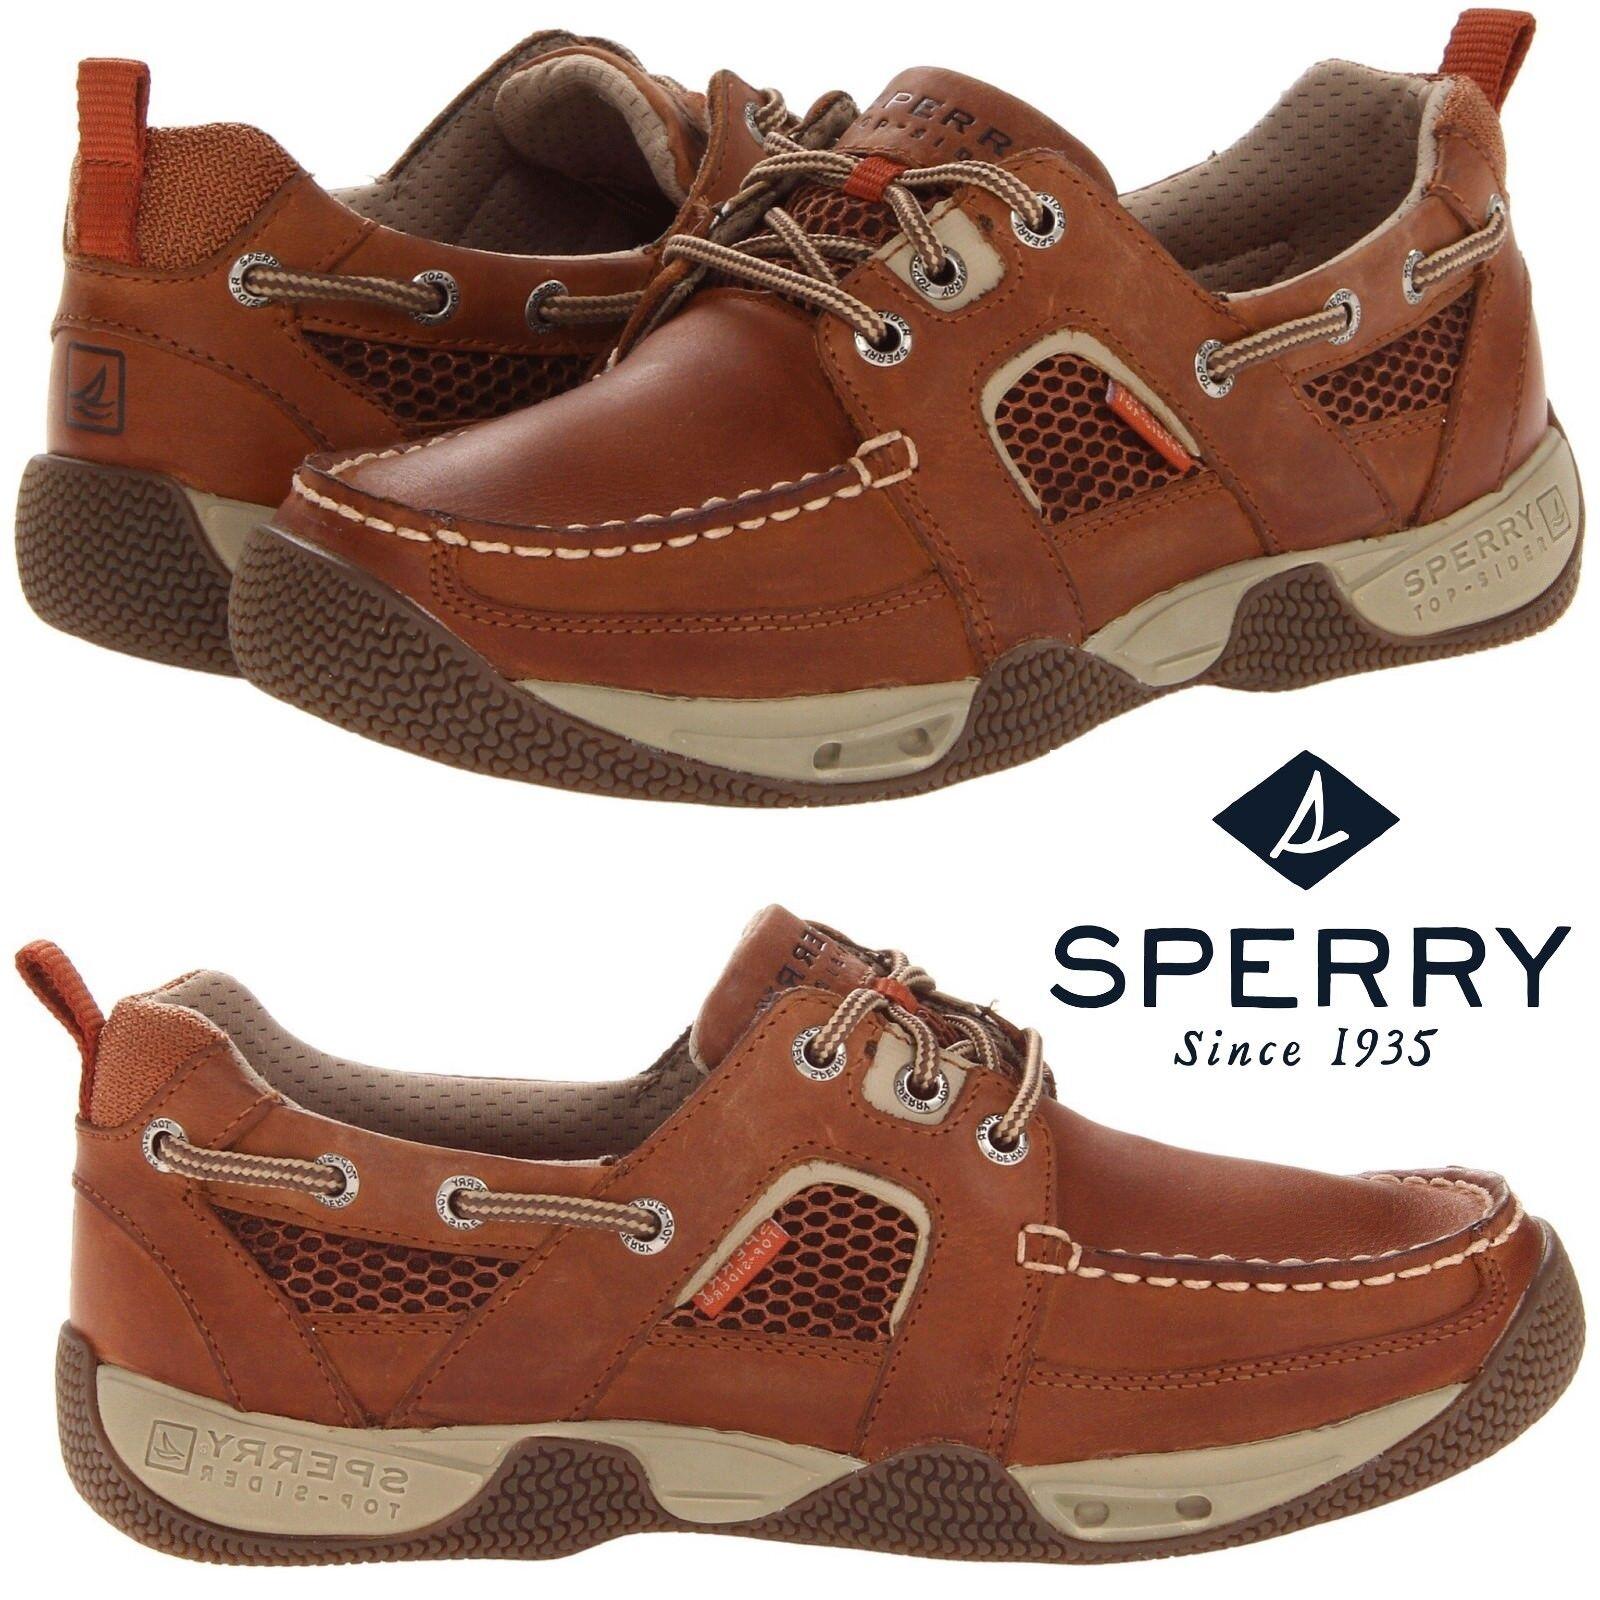 bellissima Sperry Top-Sider Sea Sea Sea Kite Sport Moc Uomo Boat scarpe Water-Resistant Comfort NIB  migliore marca